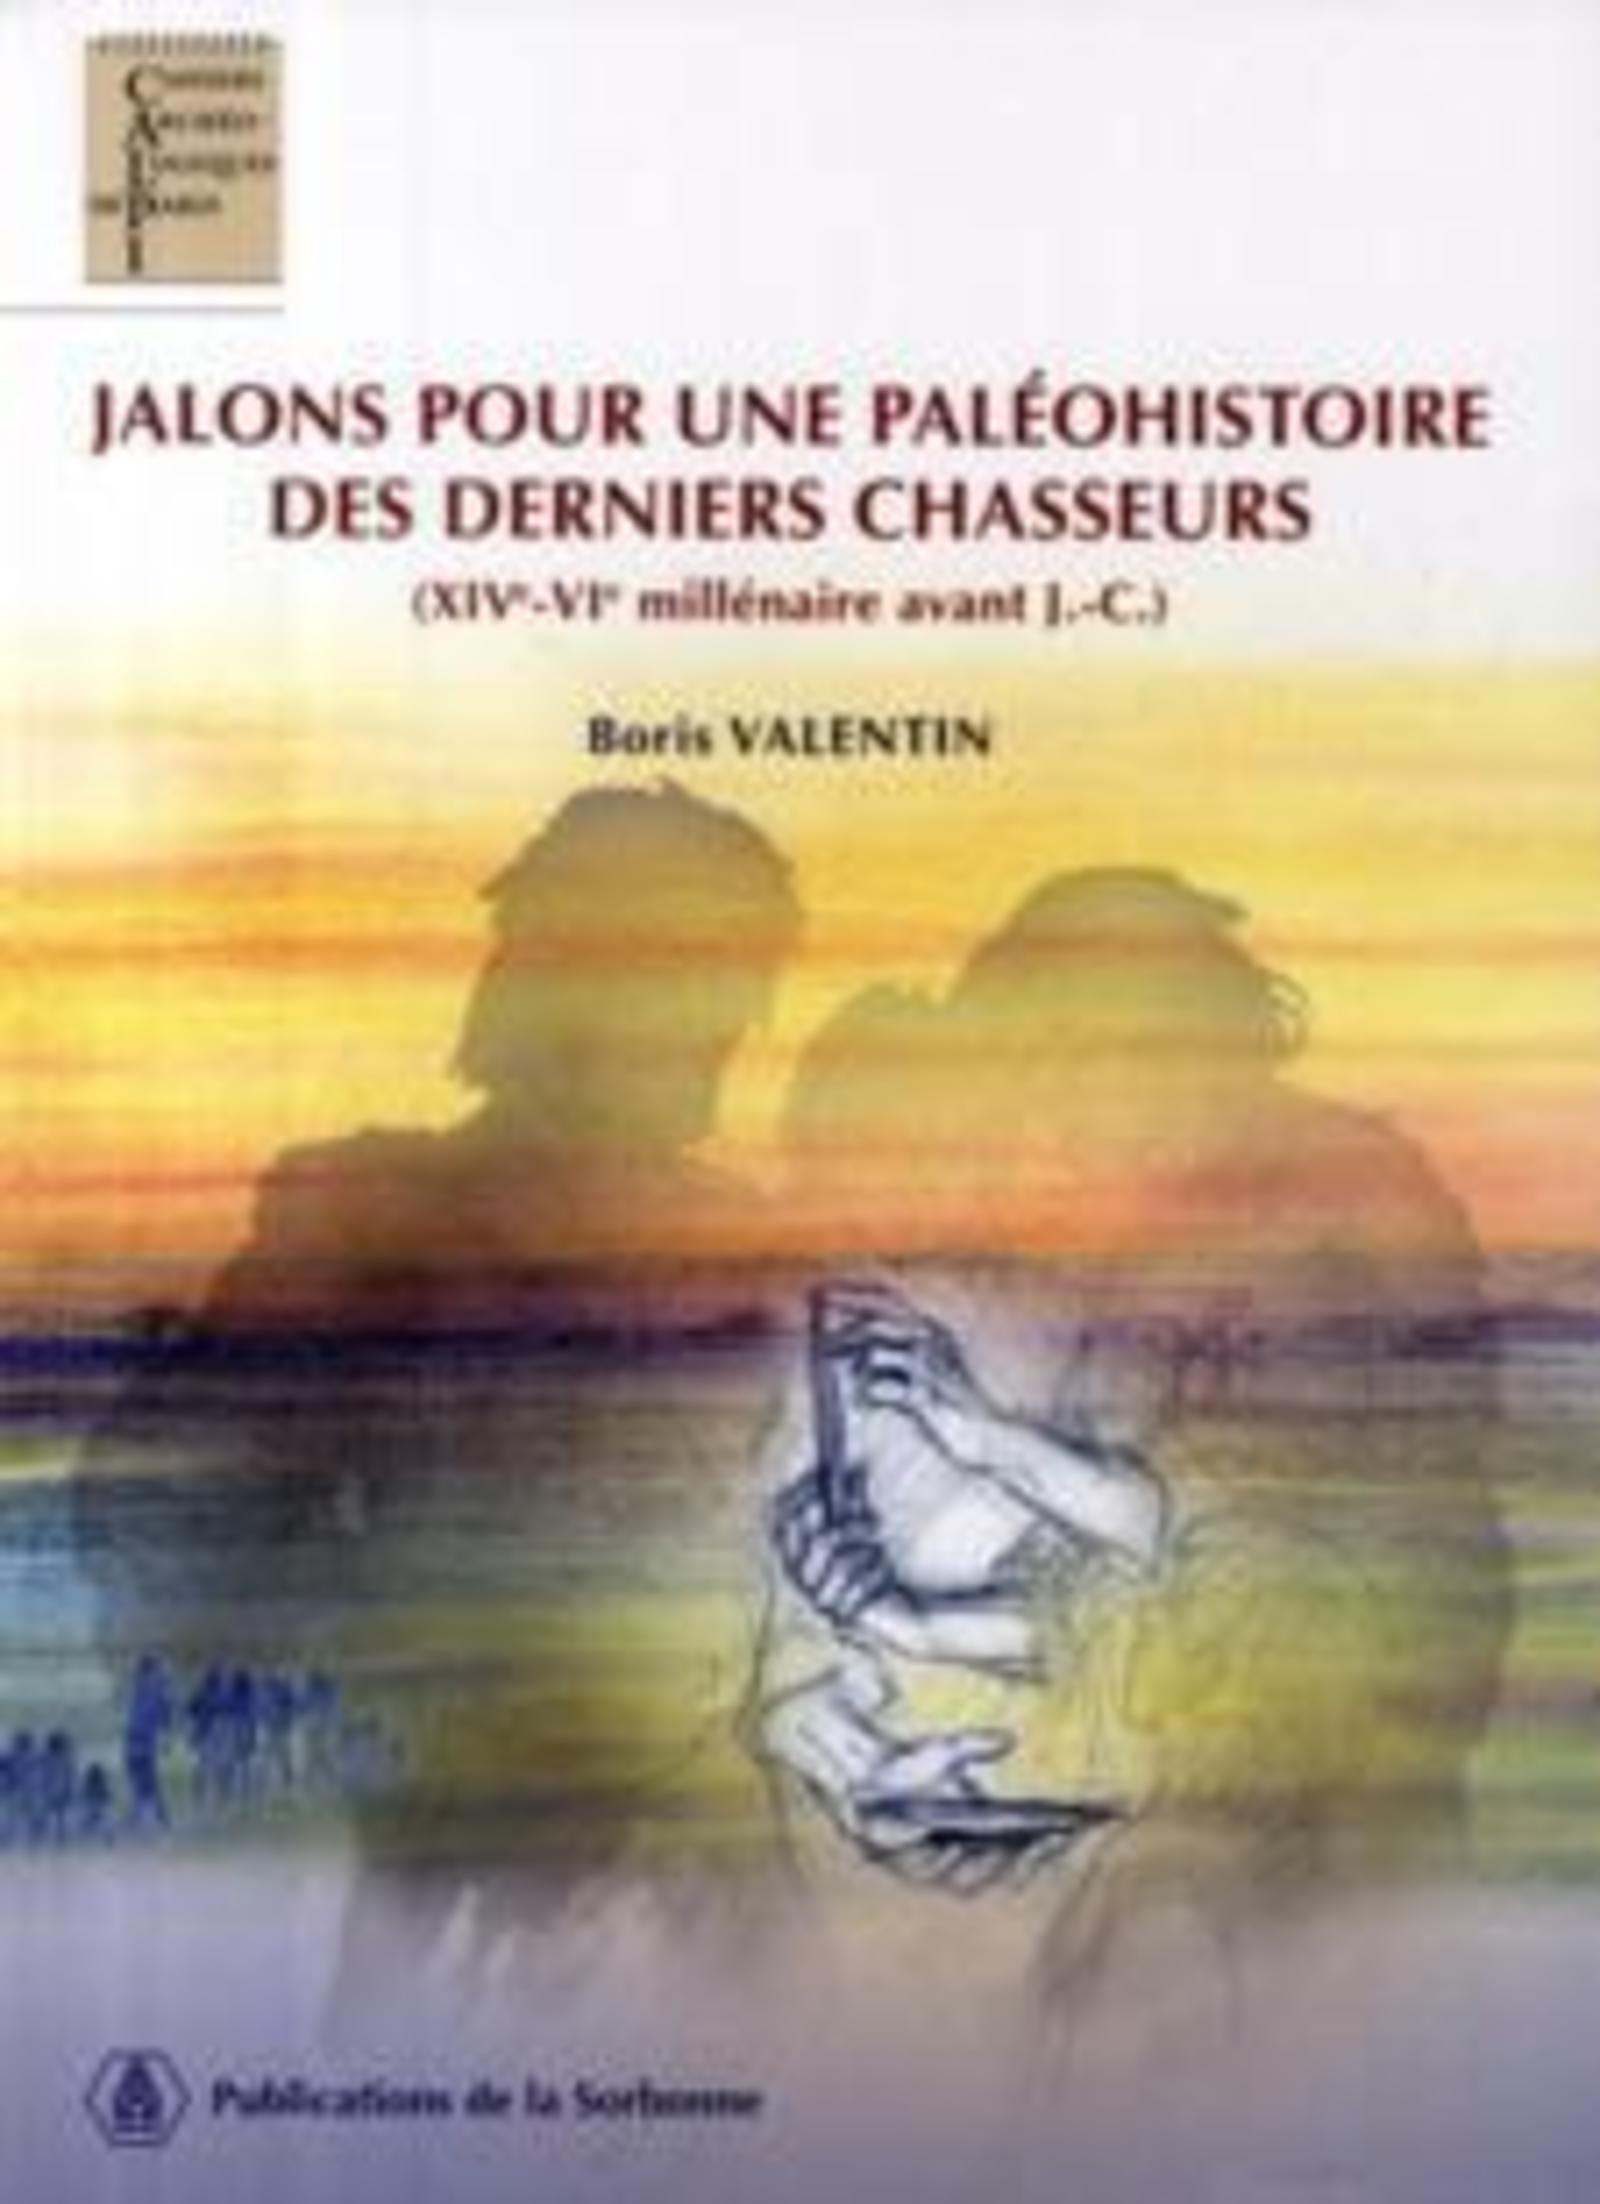 JALONS POUR UNE PALEOHISTOIRE